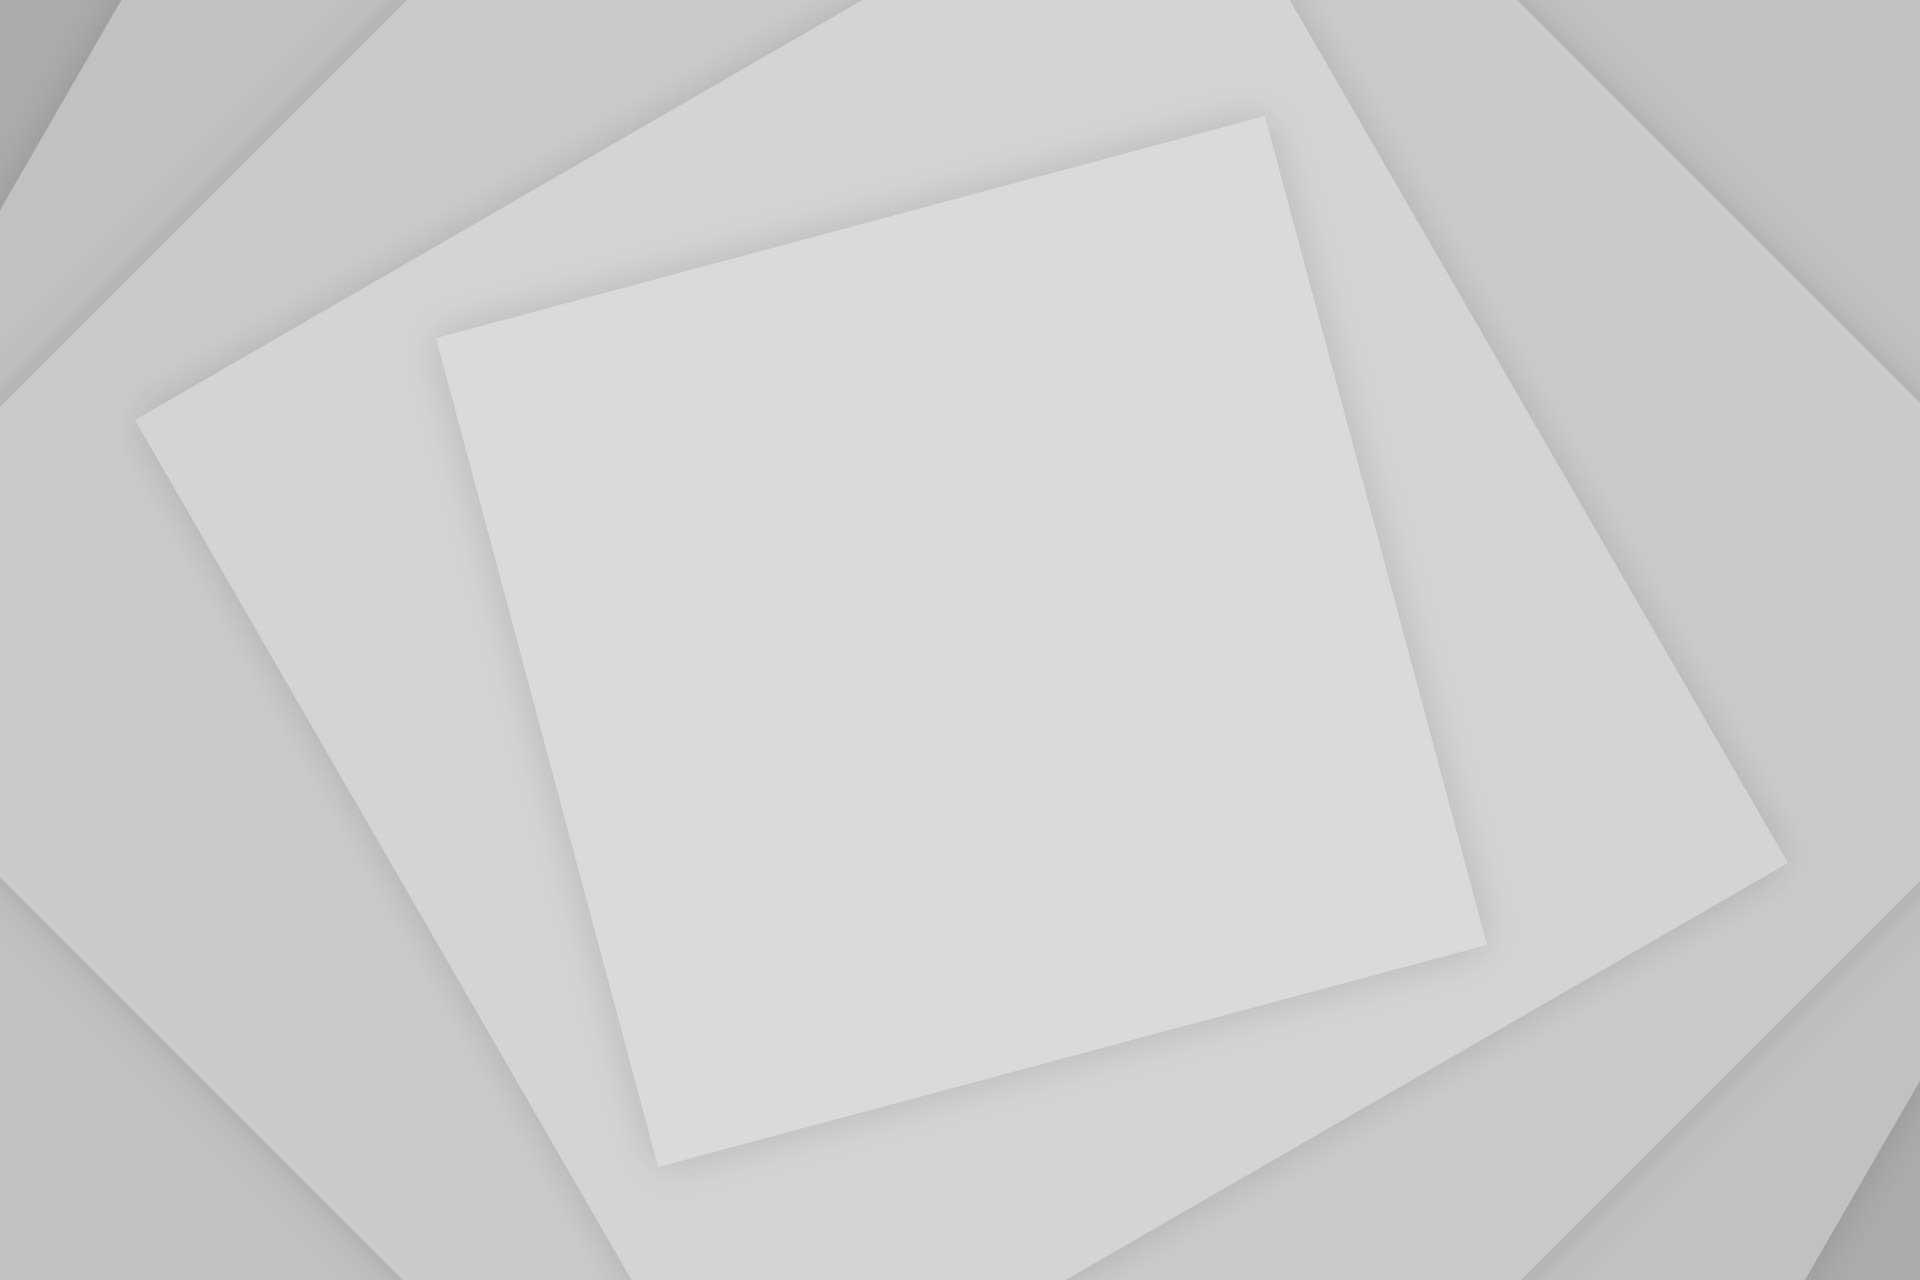 Наказ МОЗ України від 21.06.2018 № 1189 «Про внесення змін до наказу Міністерства охорони здоров'я України від 22 березня 2013 року № 232»